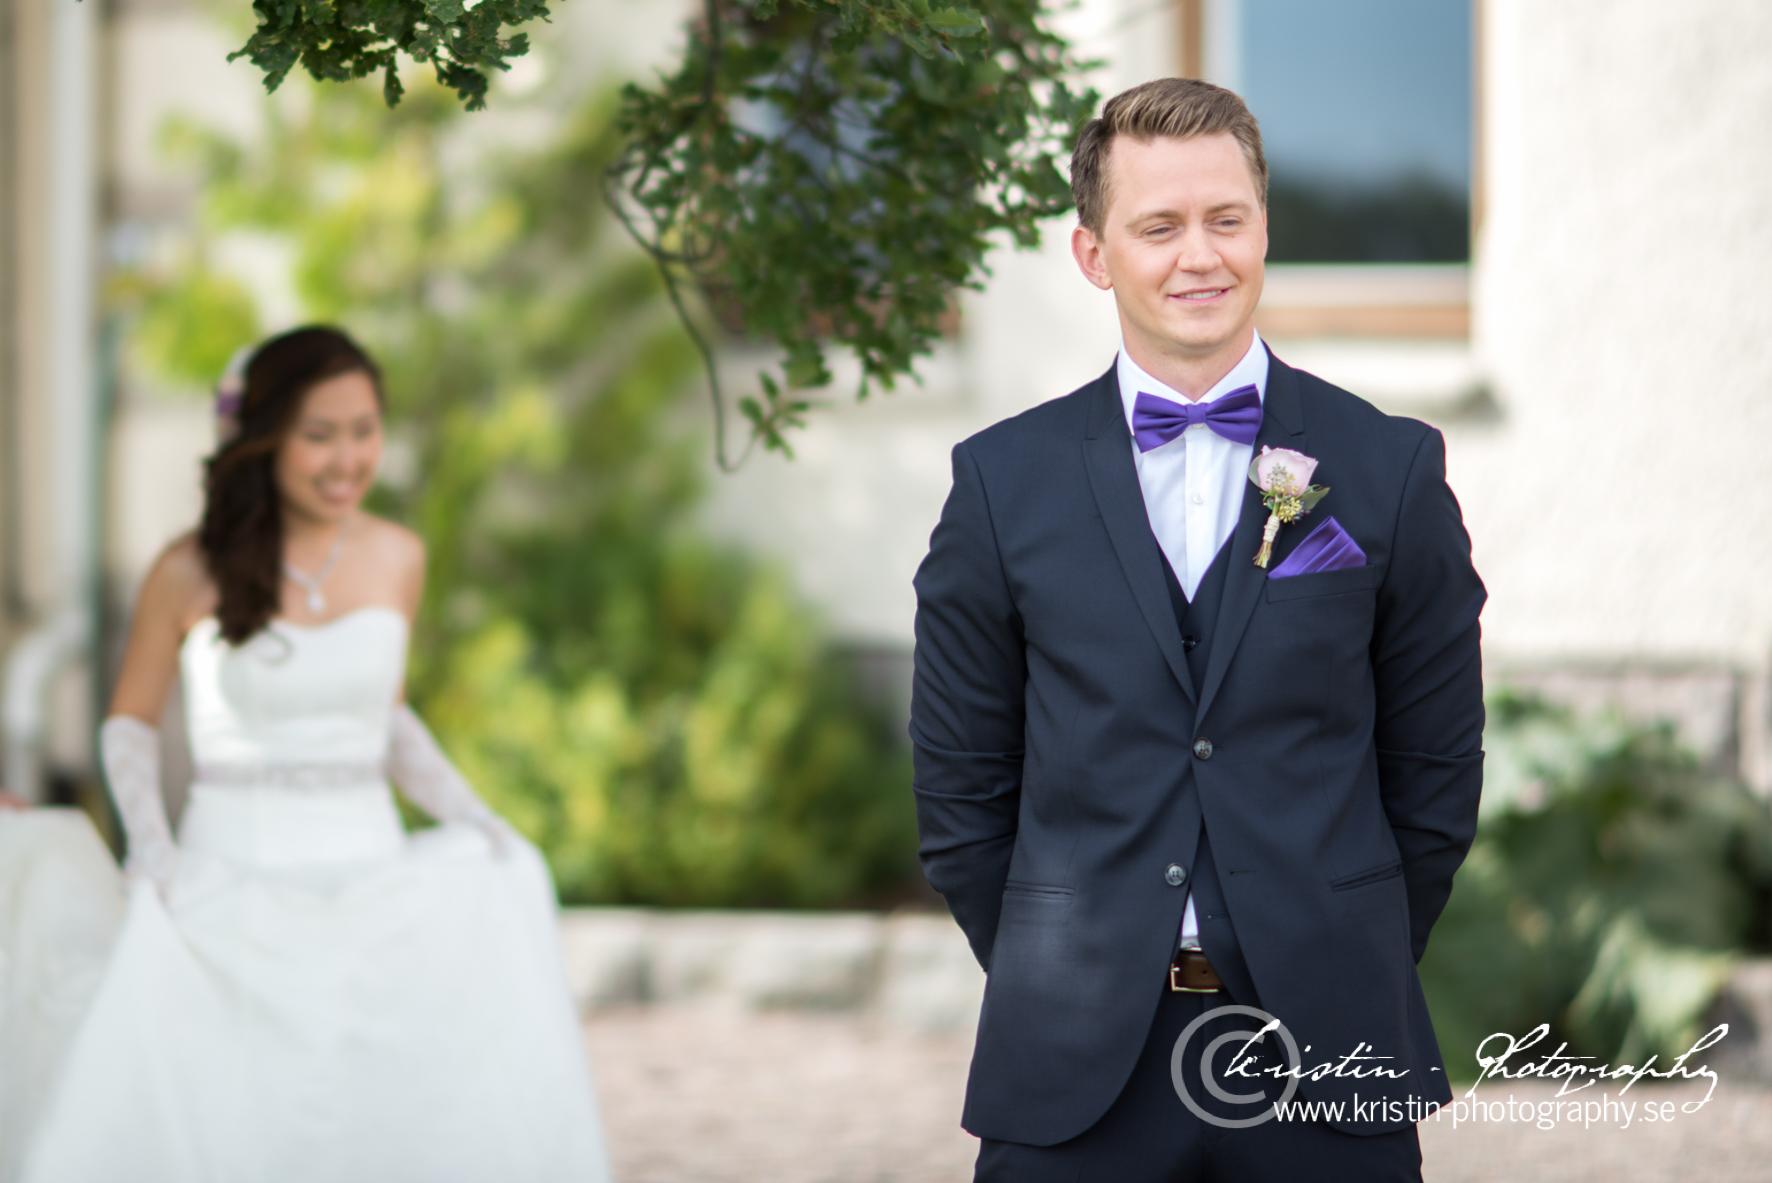 Bröllopsfotograf i Eskilstuna, Kristin - Photography-46.jpg